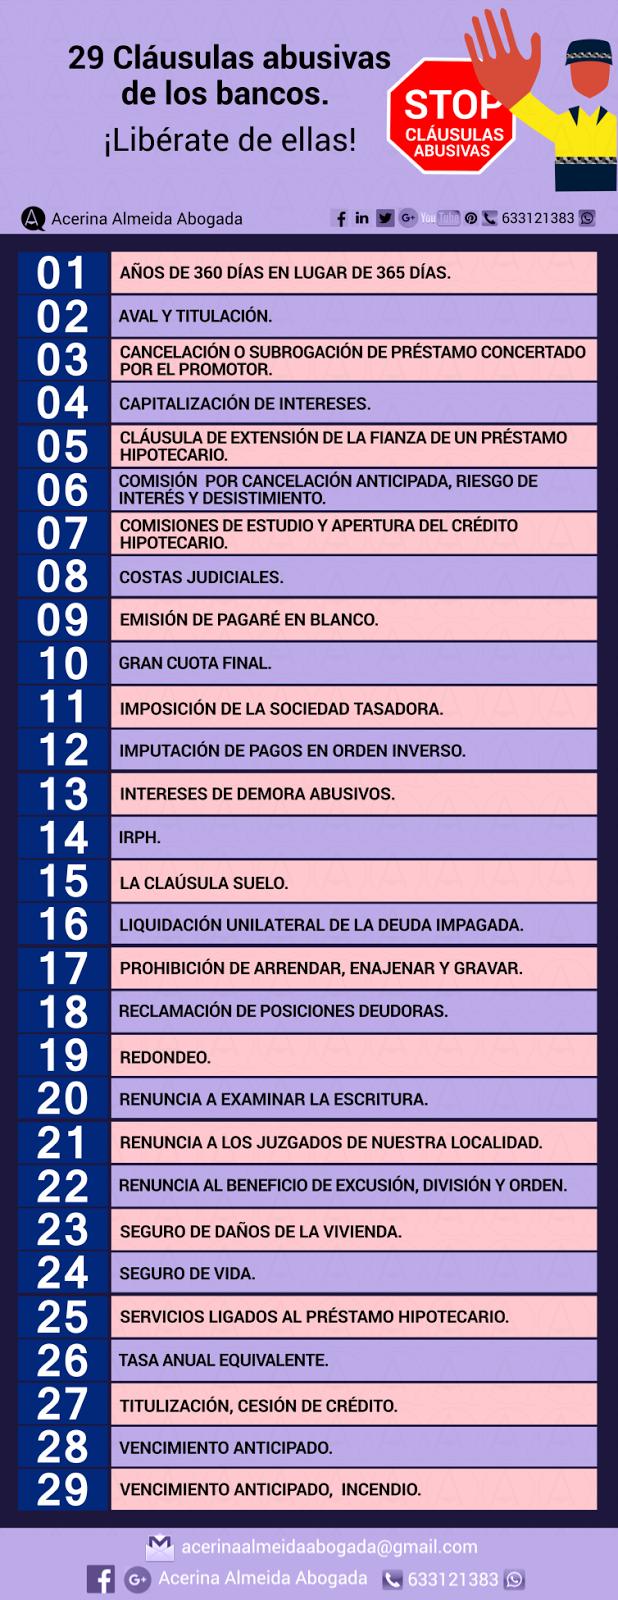 Infografía con una lista de 29 cláusulas abusivas de los bancos